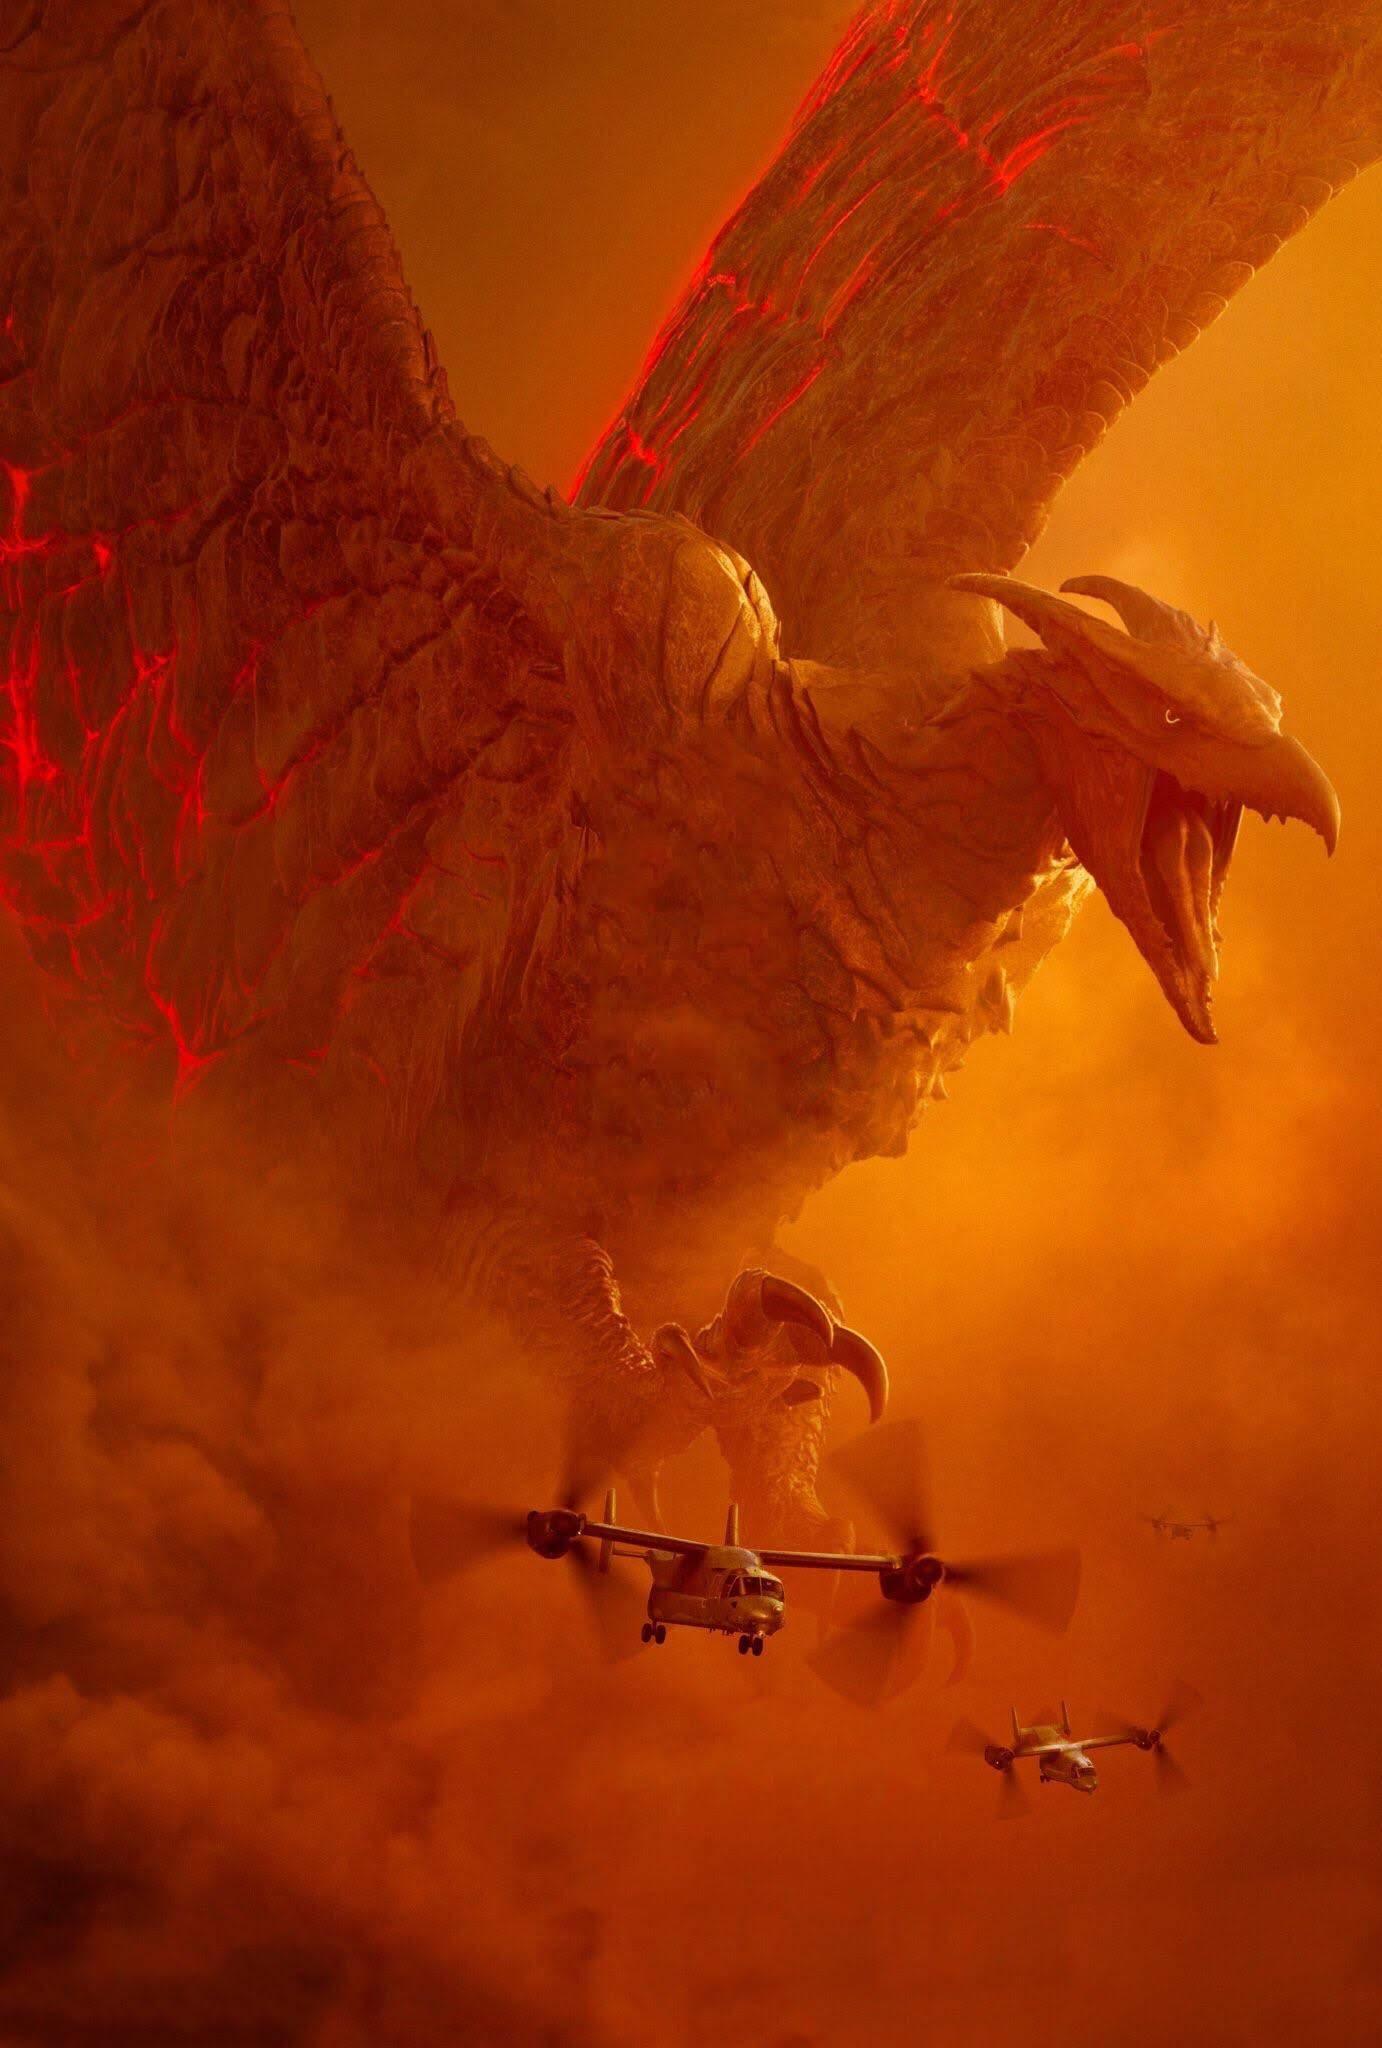 Godzilla King of the Monsters Textless Posters : ハリウッド版「ゴジラ」の第2弾「キング・オブ・ザ・モンスターズ」の怪獣ポスターはよいのだけれど、スマホやタブレットの待ち受けにするには、文字がない方が…という怪獣ファンの人には打ってつけの素のオリジナル・アート ! !